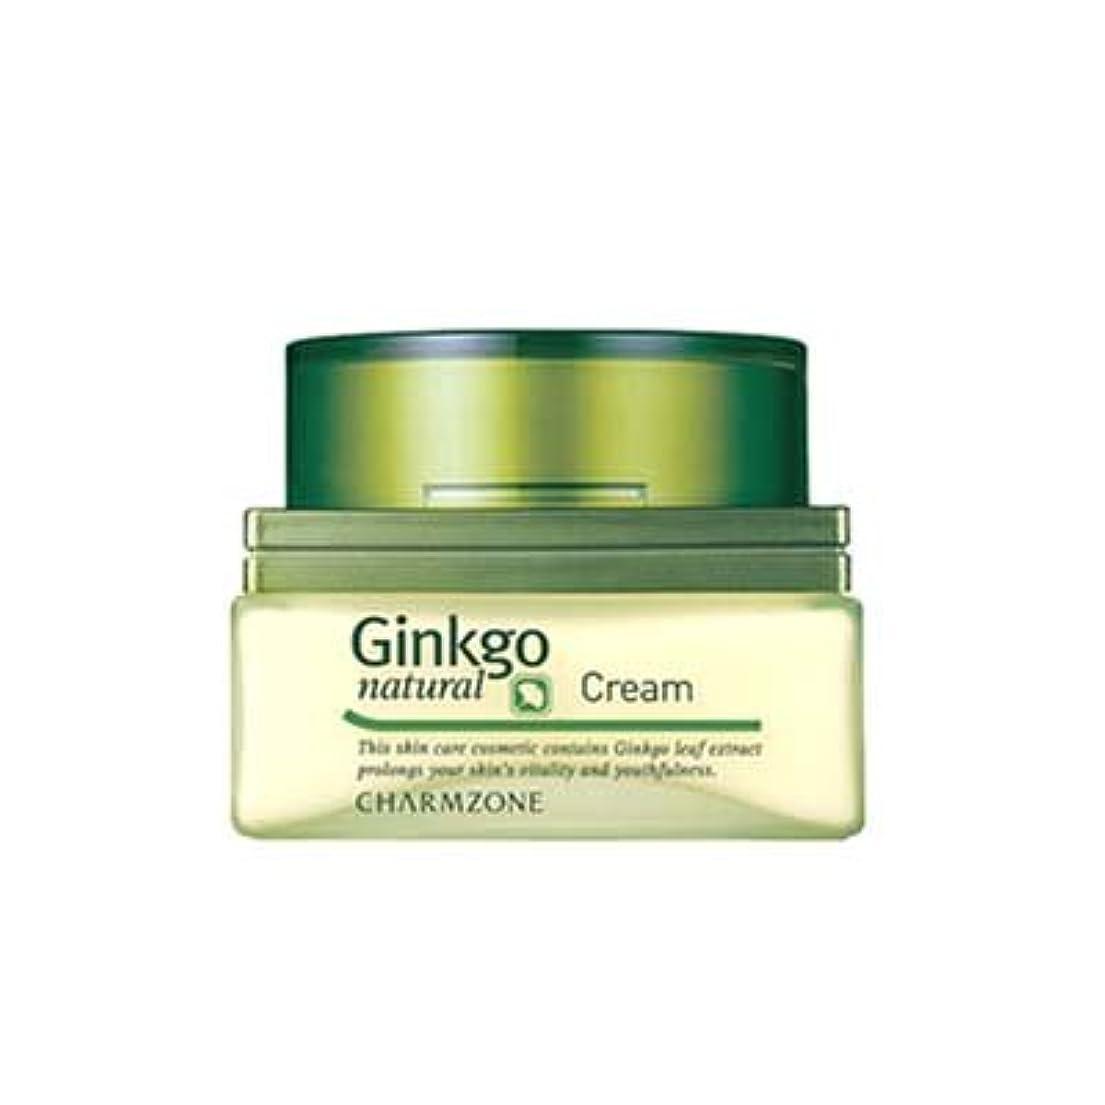 スキニーネストバーチャームゾーン Ginkgo natural (ジンコナチュラル) クリーム 60ml